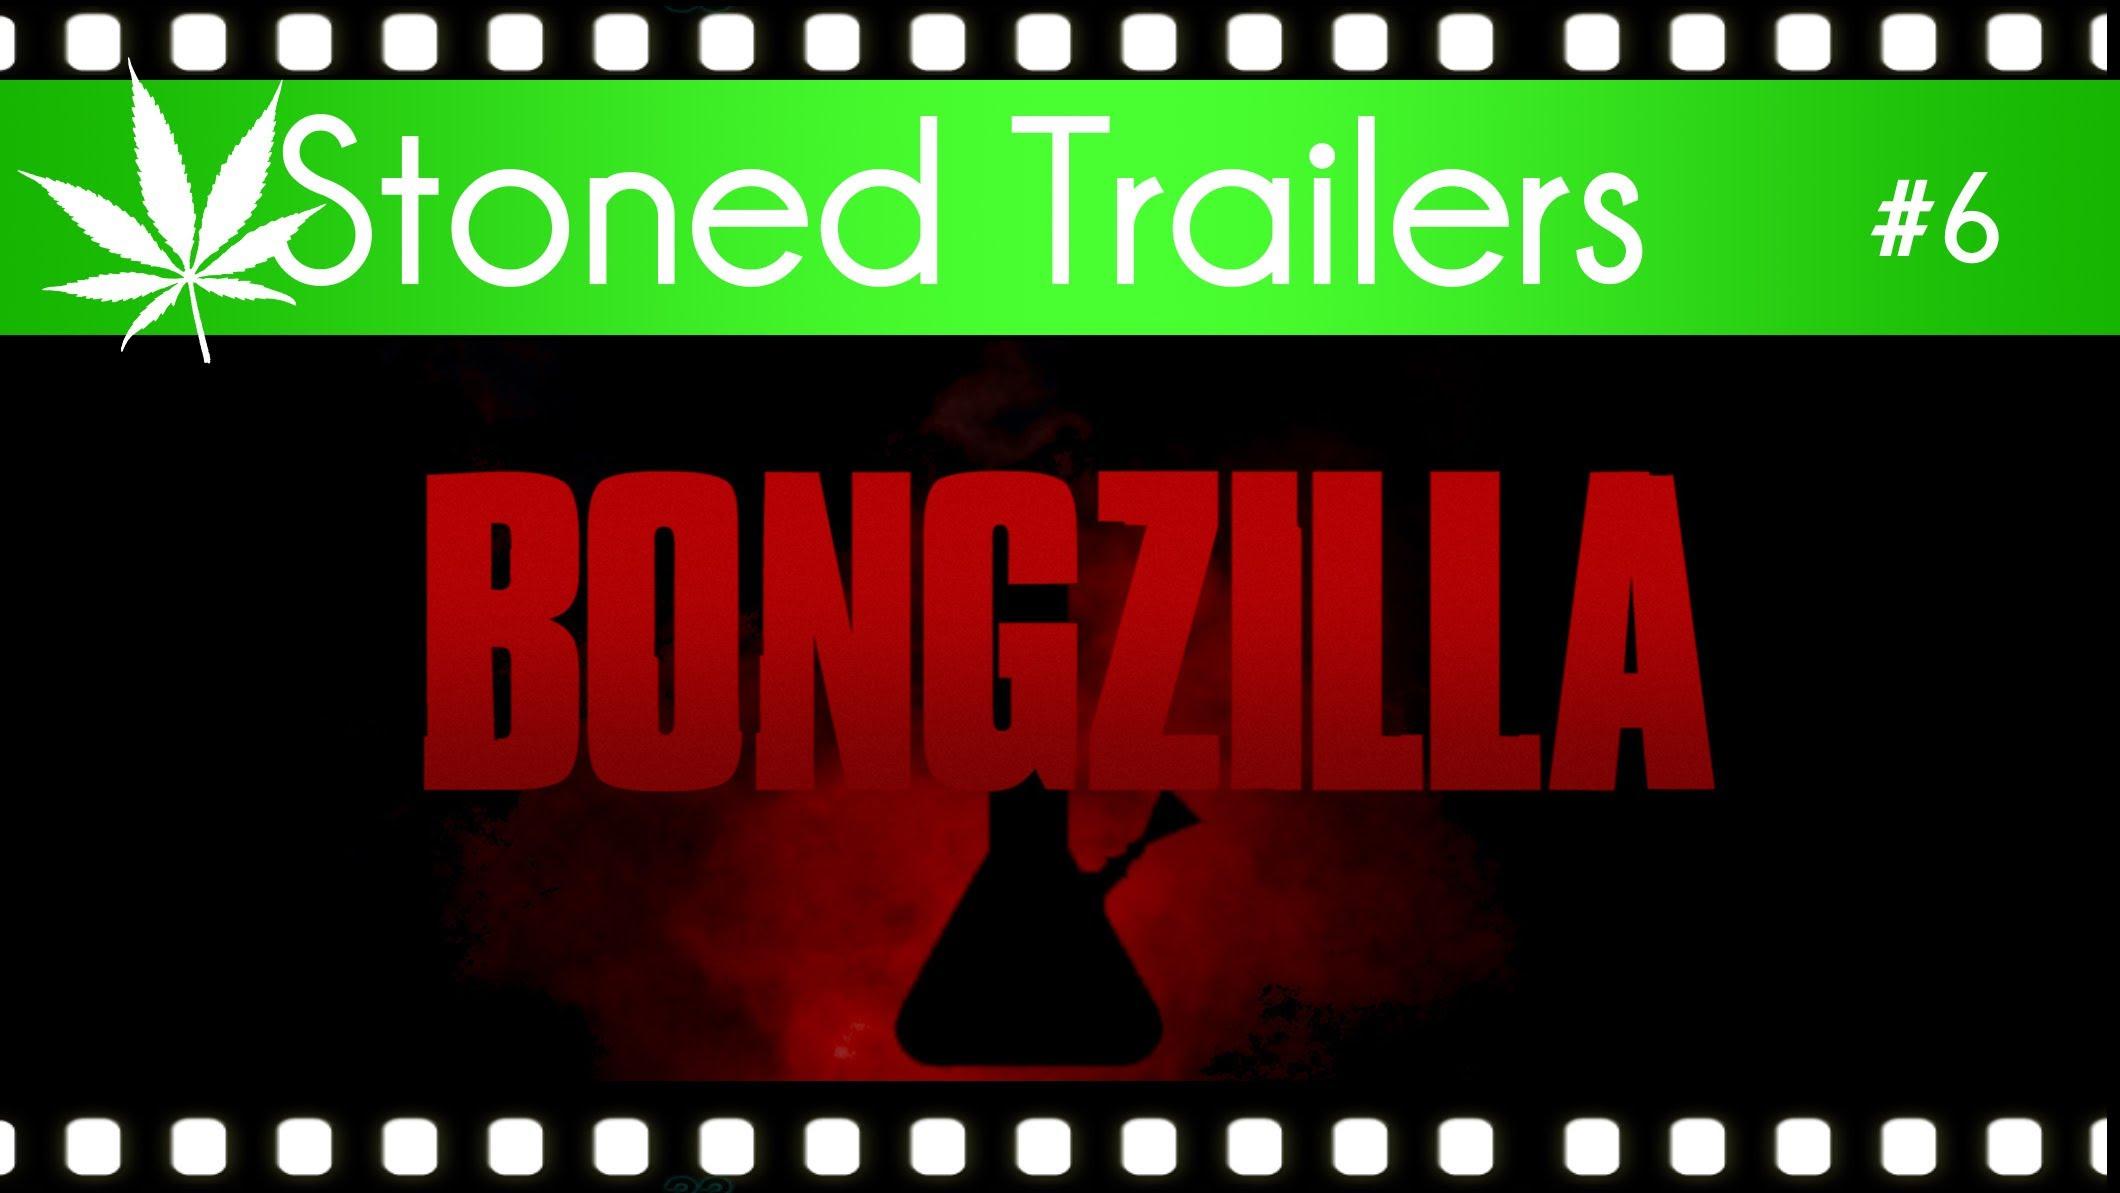 Ep 5 Bongzilla